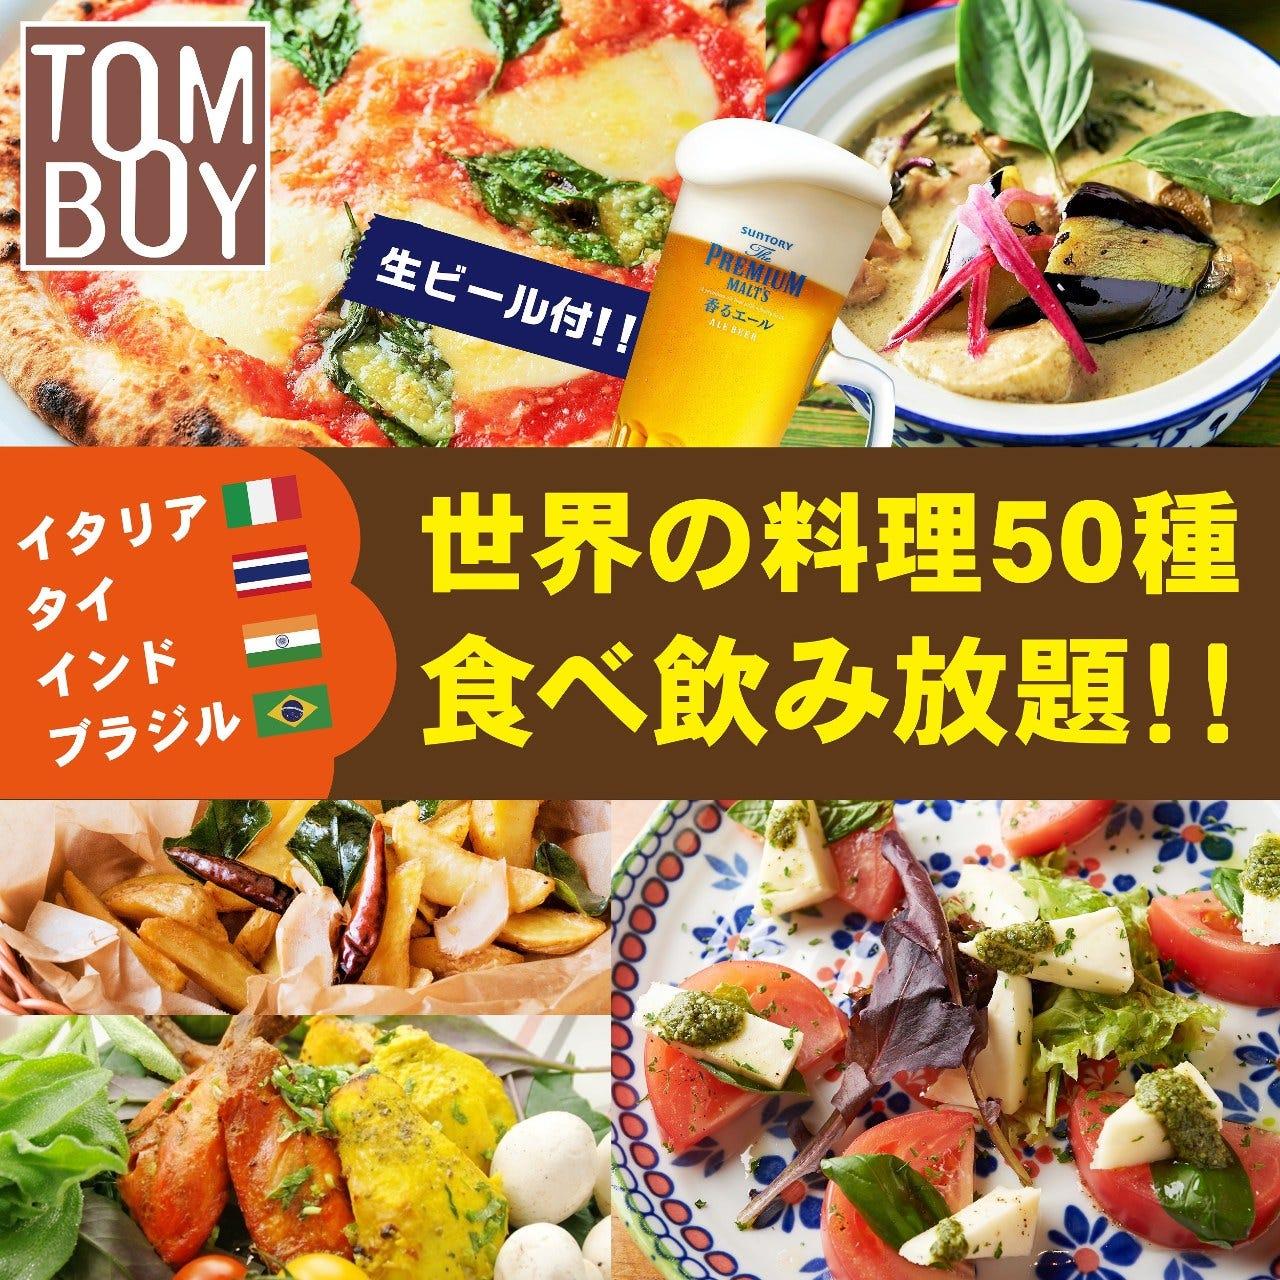 リゾート個室&食べ放題 TOMBOY cafe 池袋店